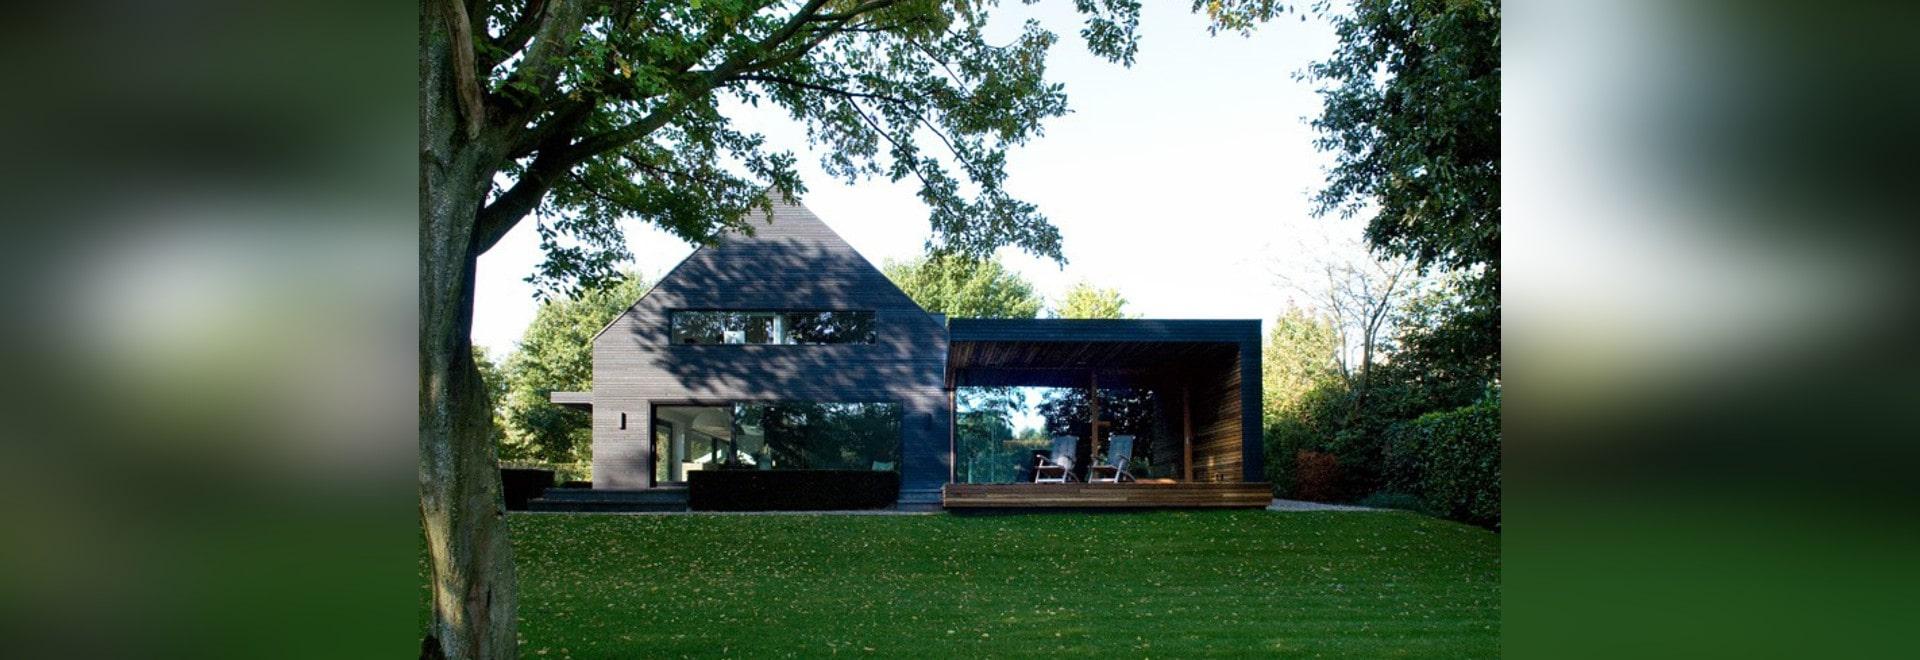 WillemsenU Architekten entwerfen ein zeitgenössisches Update für ...